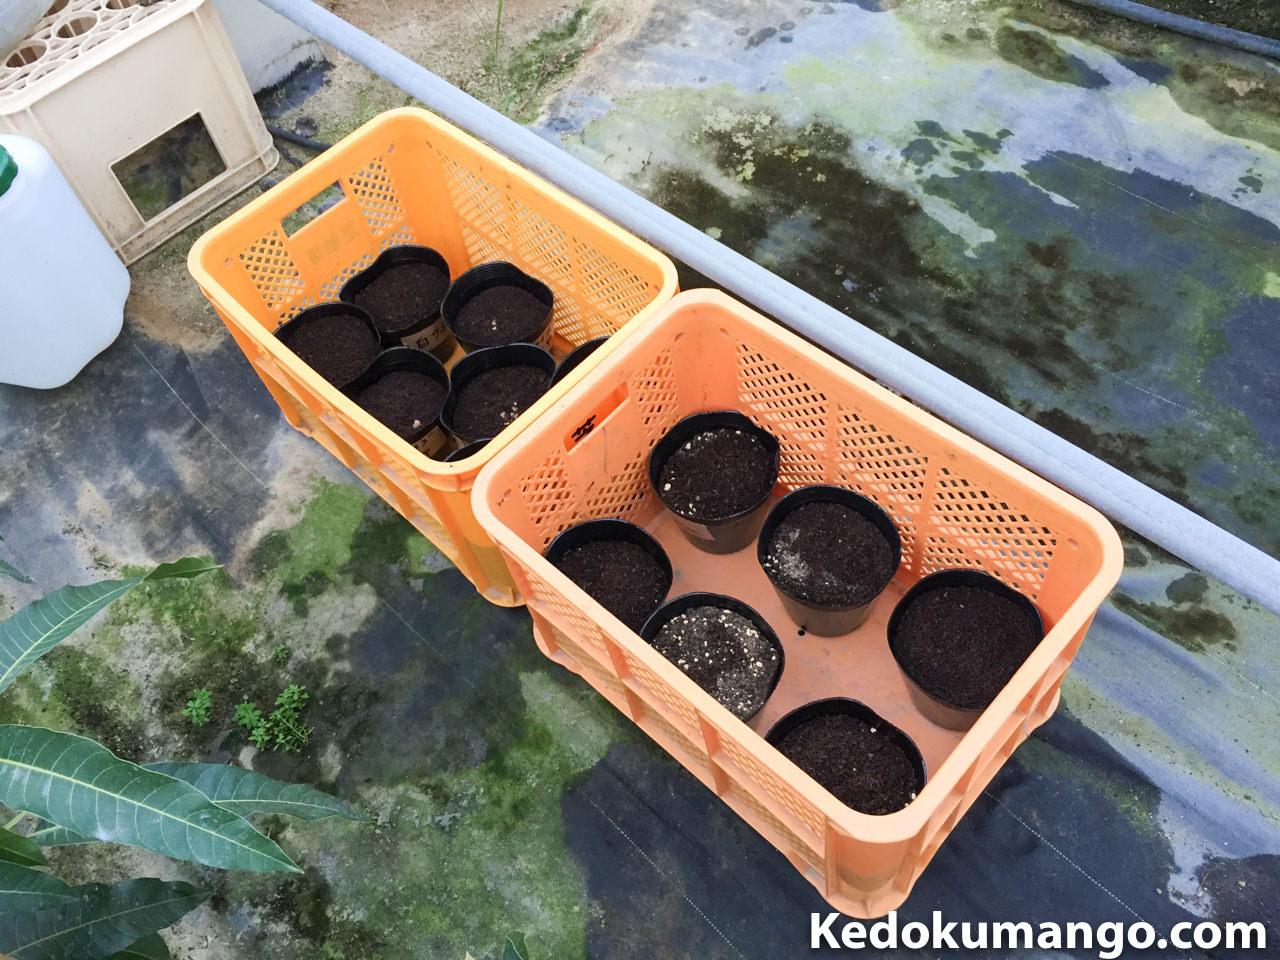 ビニールハウスに運んだマンゴーの種